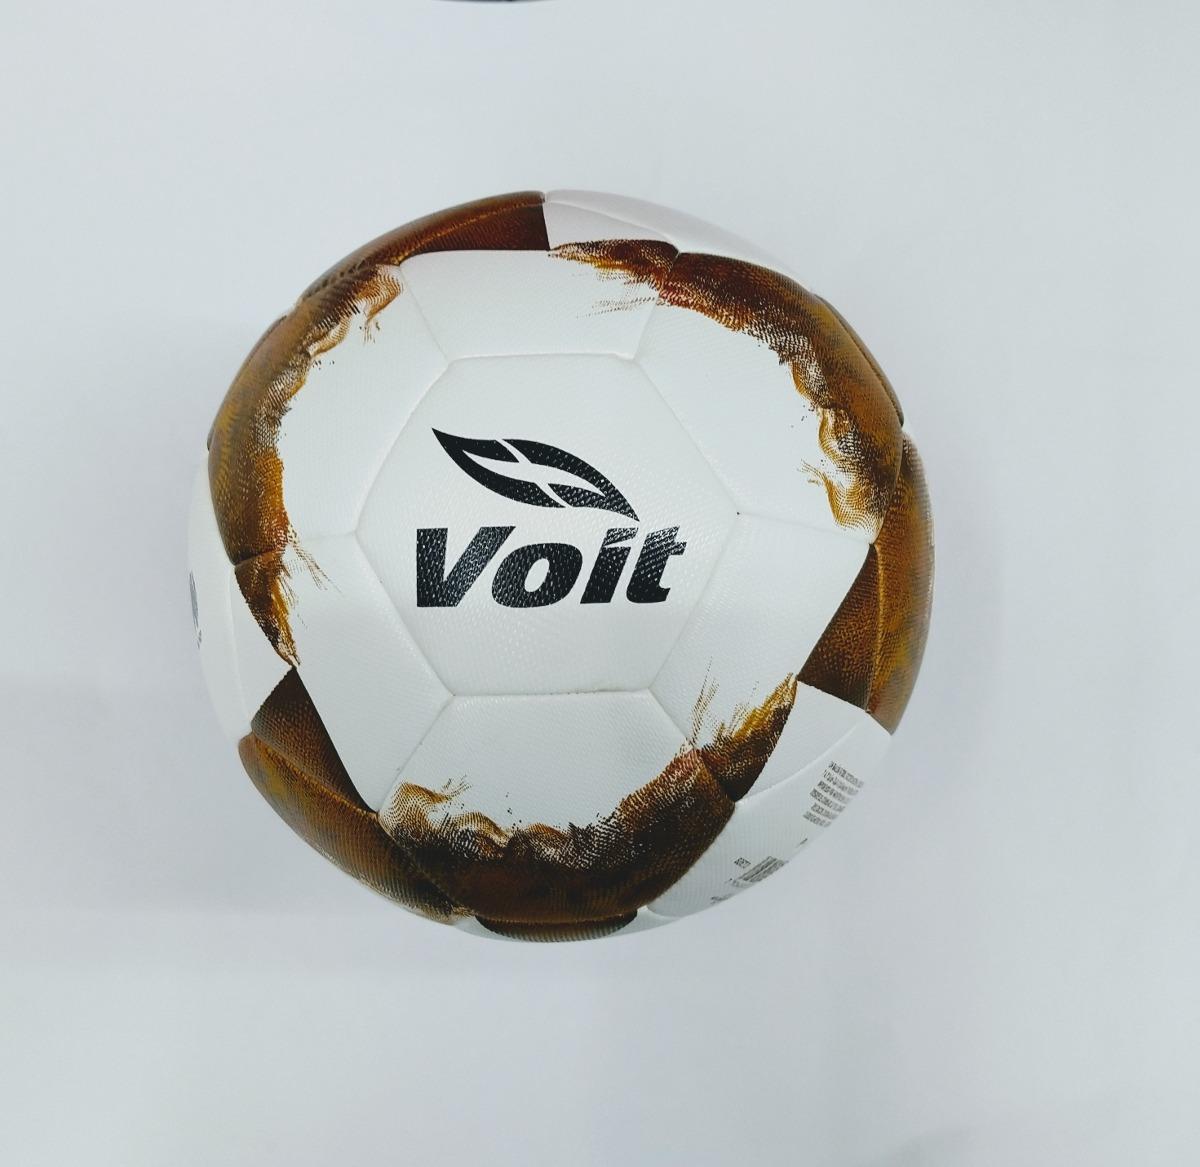 Balon De Futbol Voit Nova  5 Hybrid Tech Liguilla -   499.00 en ... 0e60dddf3476e